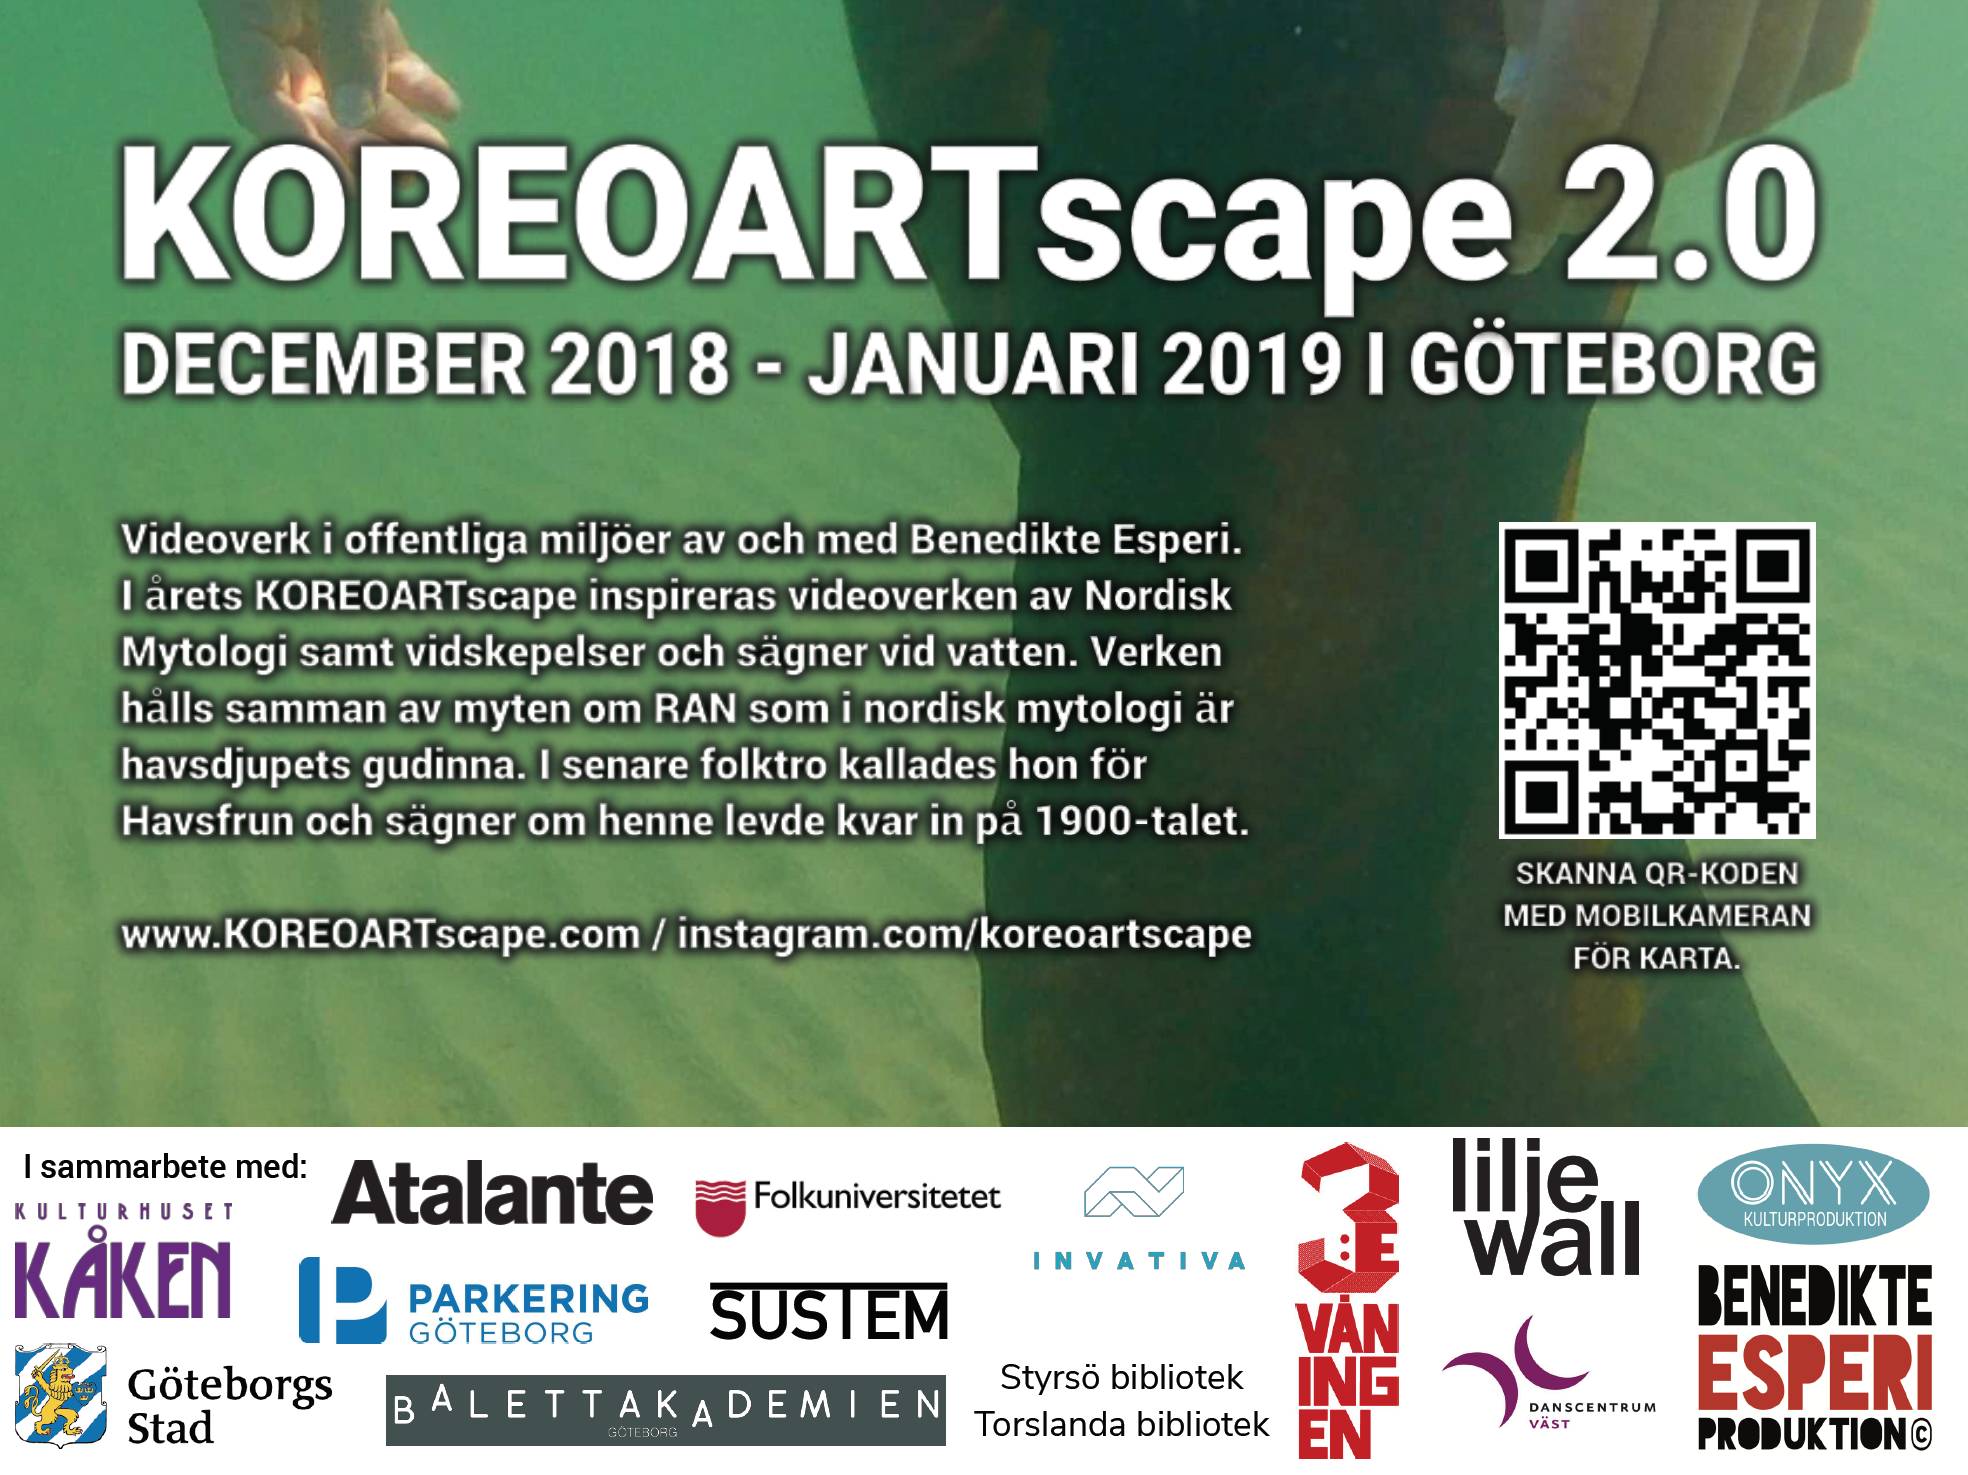 KOREOARTscape 2.0